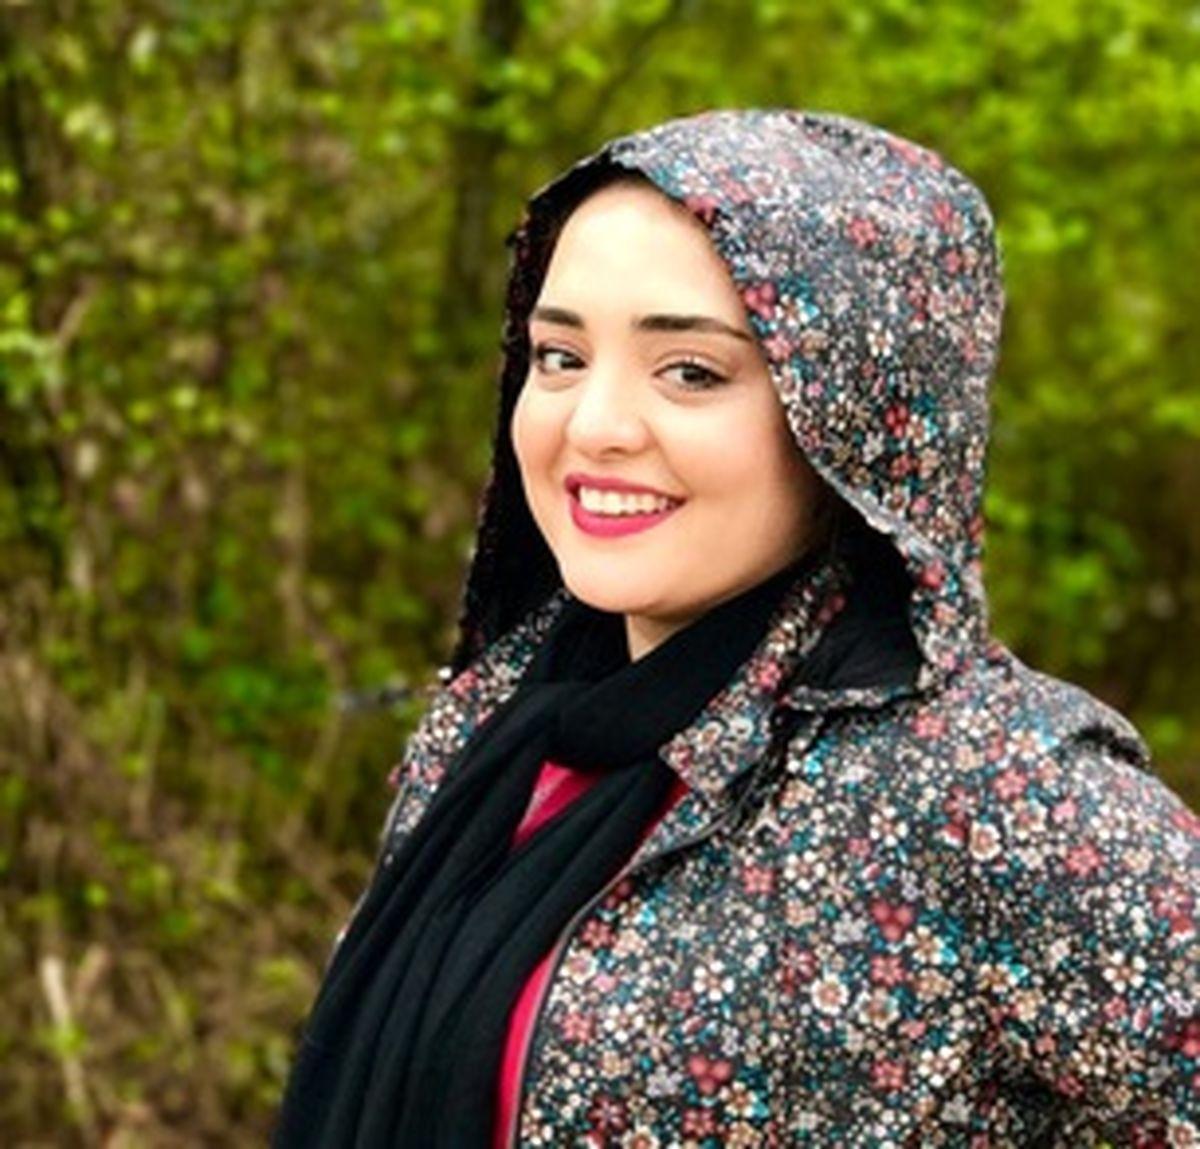 سلفی گل گلی نرگس محمدی +عکس